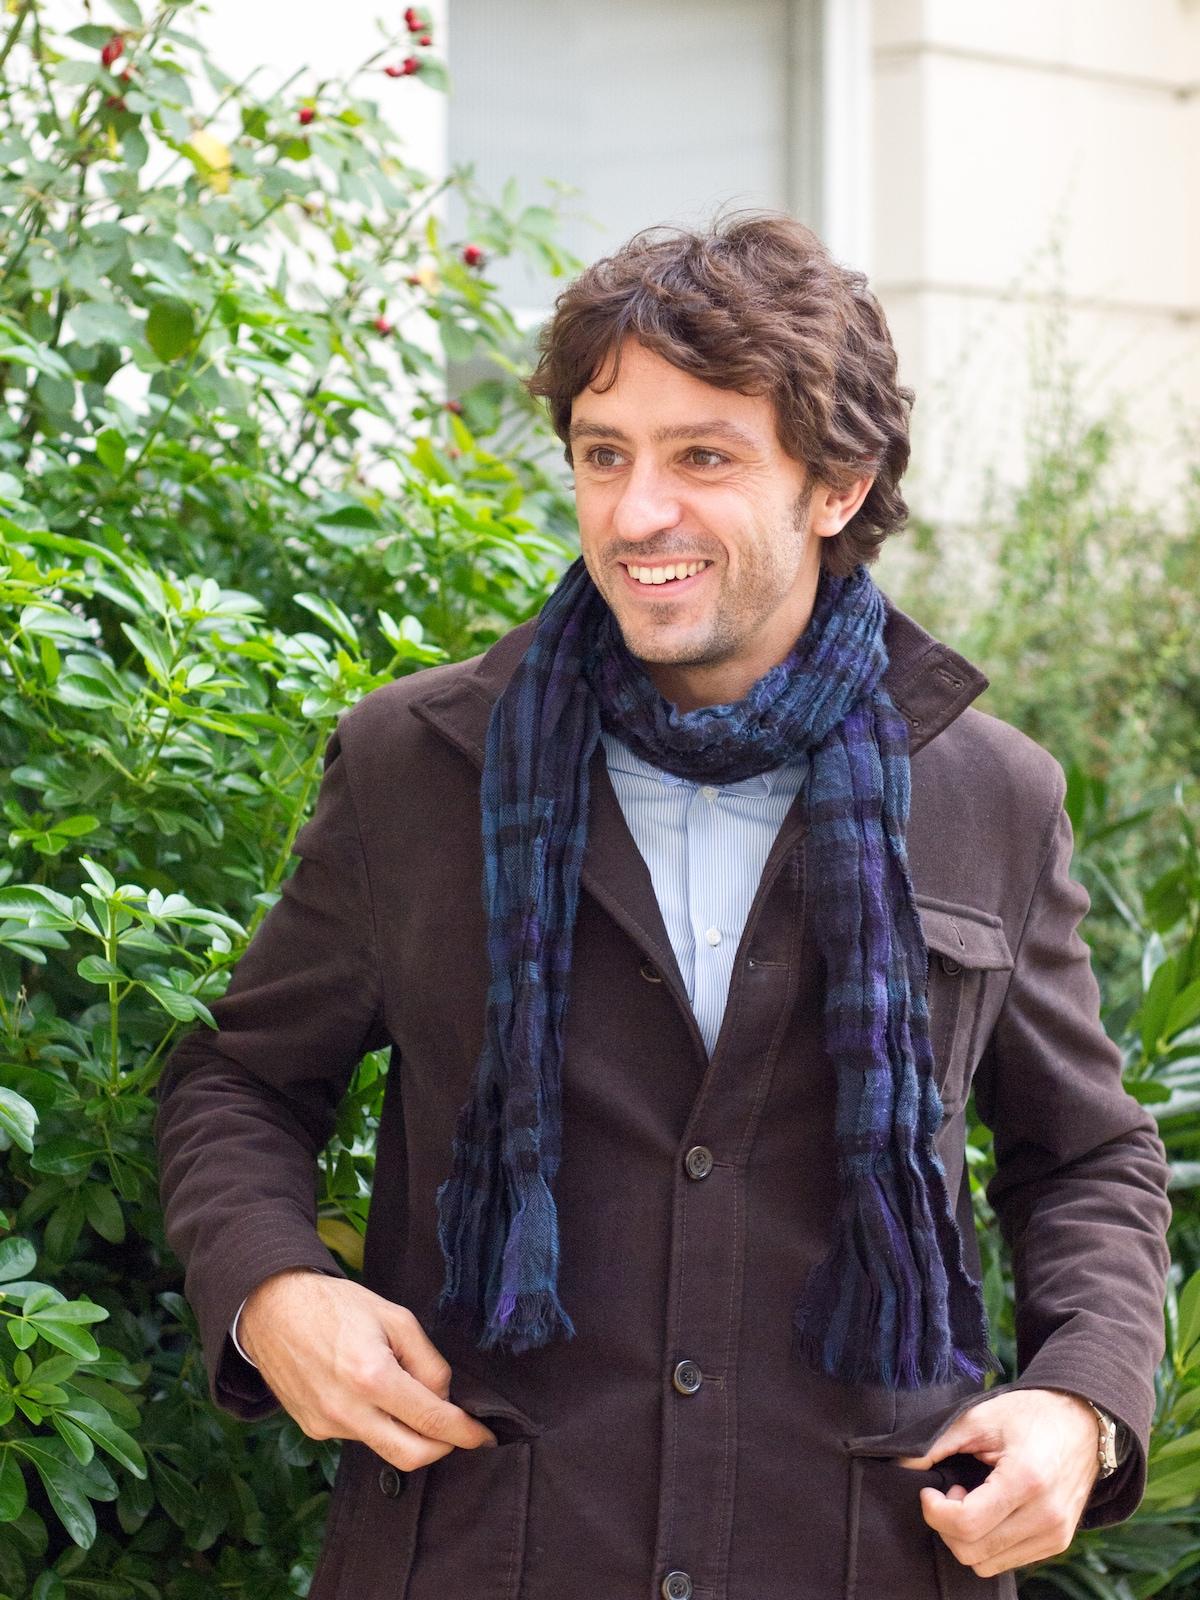 Francesco from London